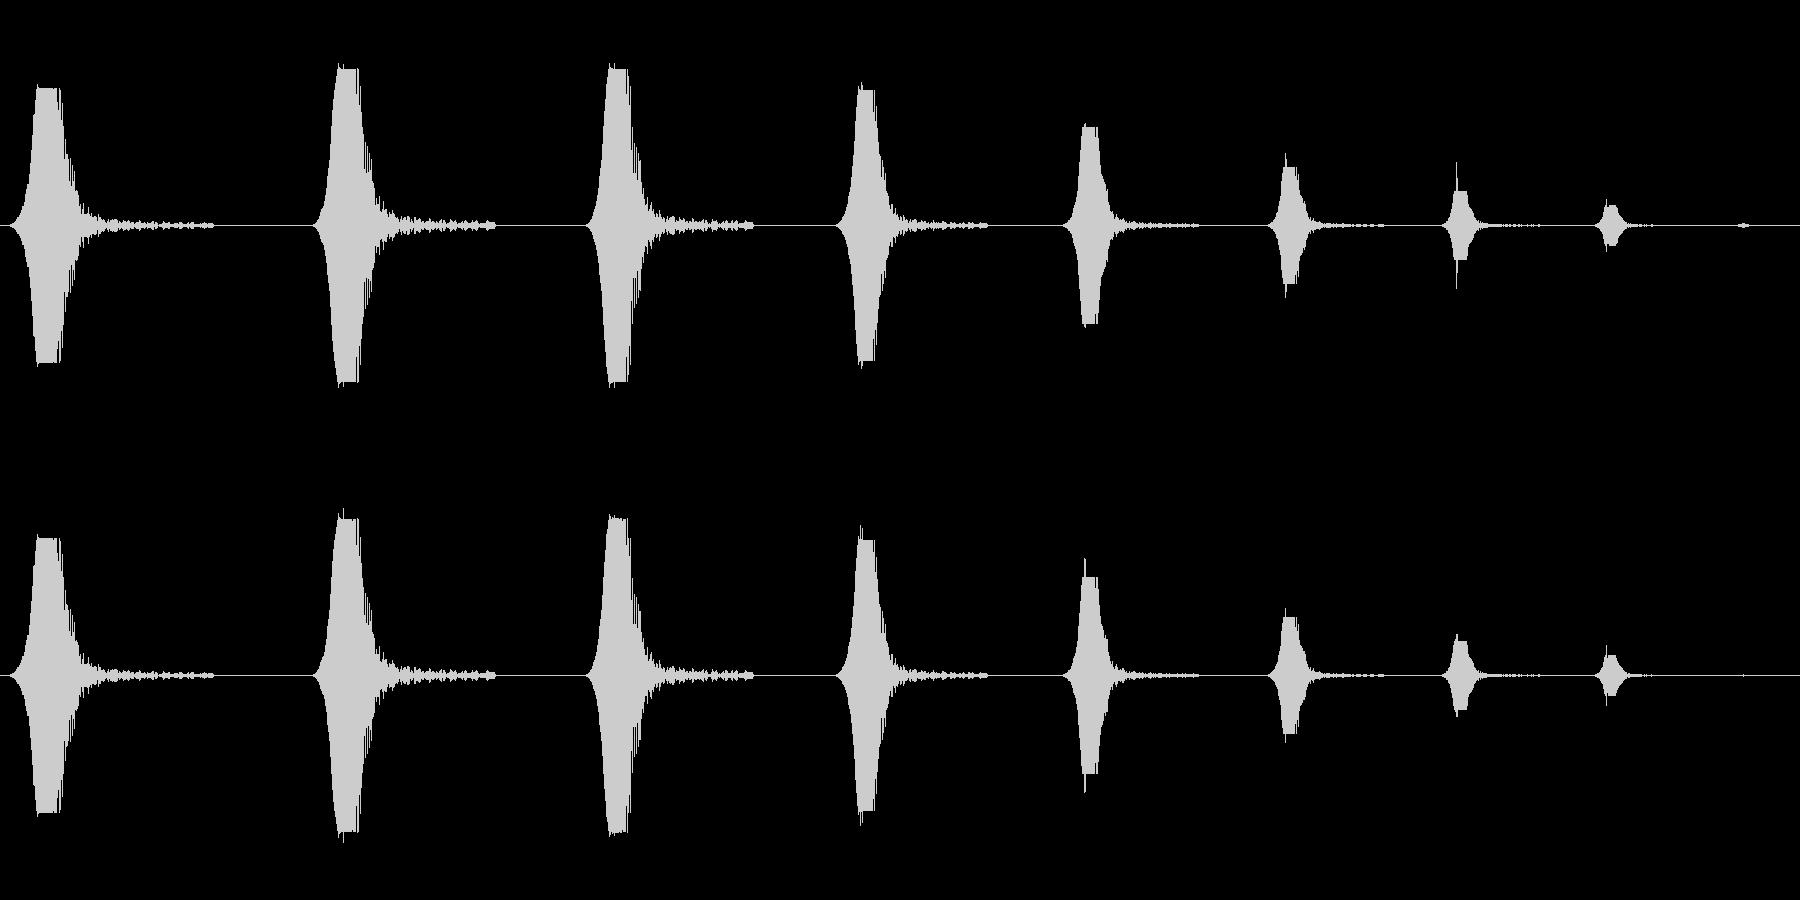 プワプワプワプワァ(潜水時・回想時など)の未再生の波形